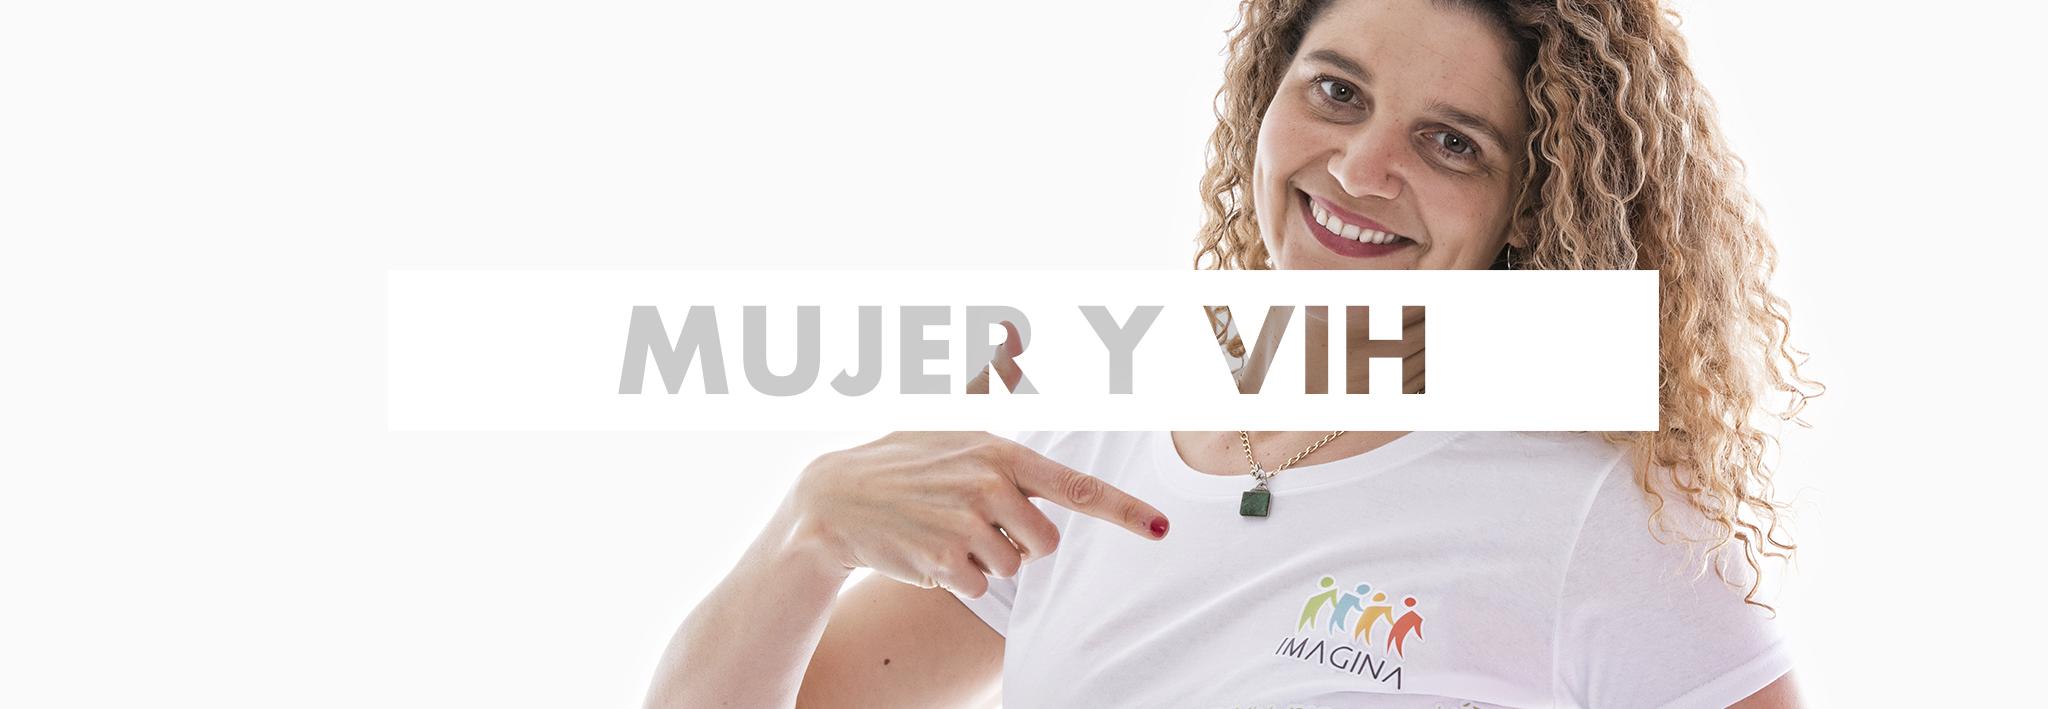 mujer y VIH